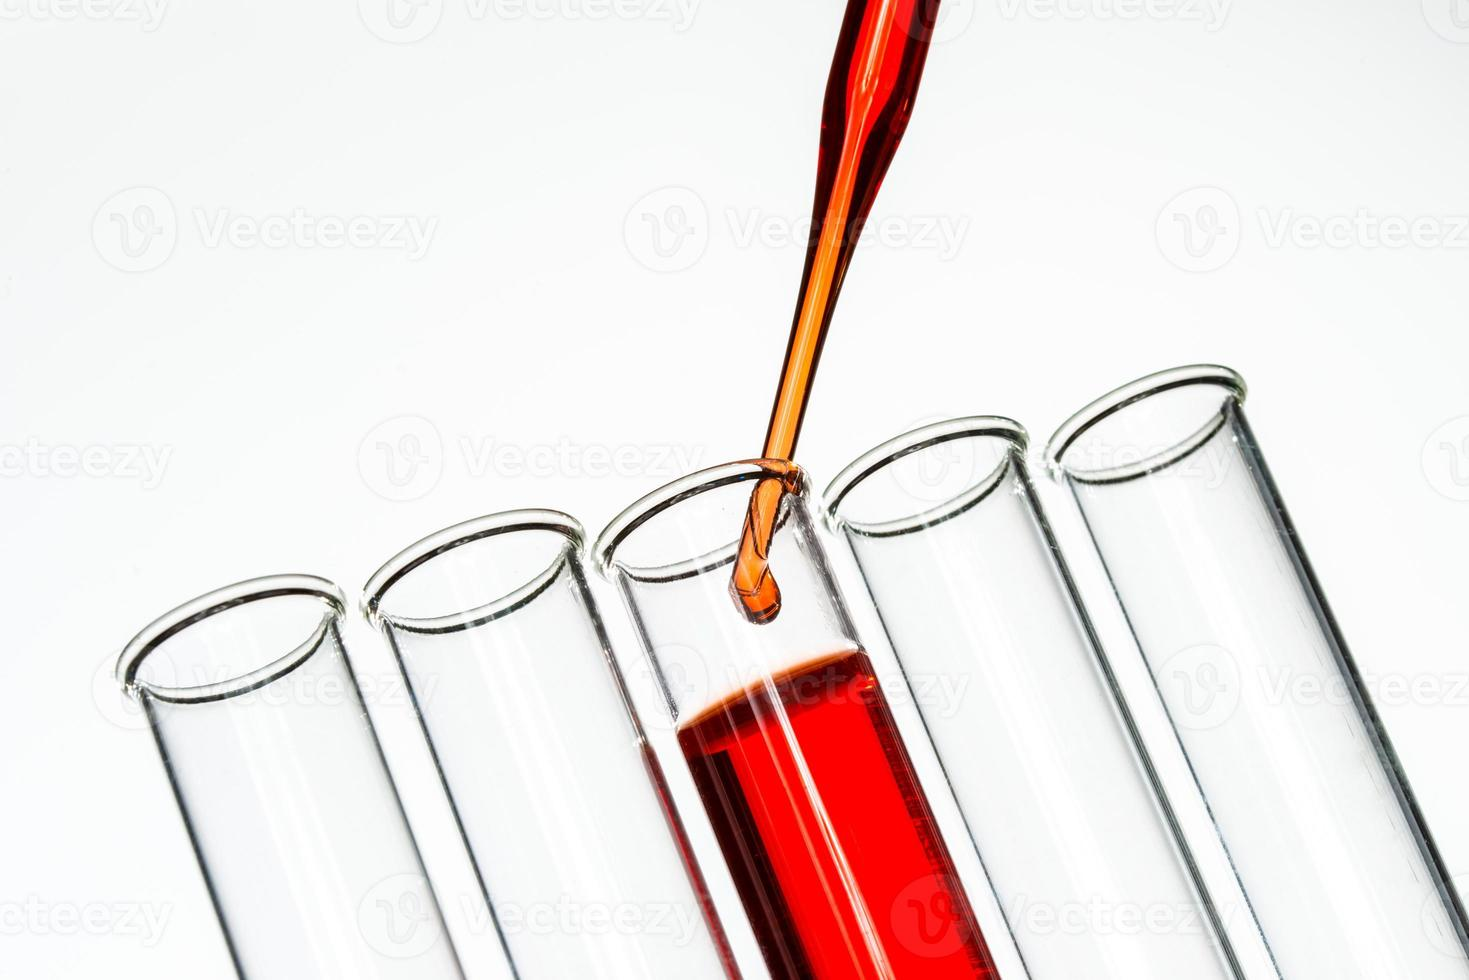 tubos de ensayo y gota de pipeta, cristalería de laboratorio foto